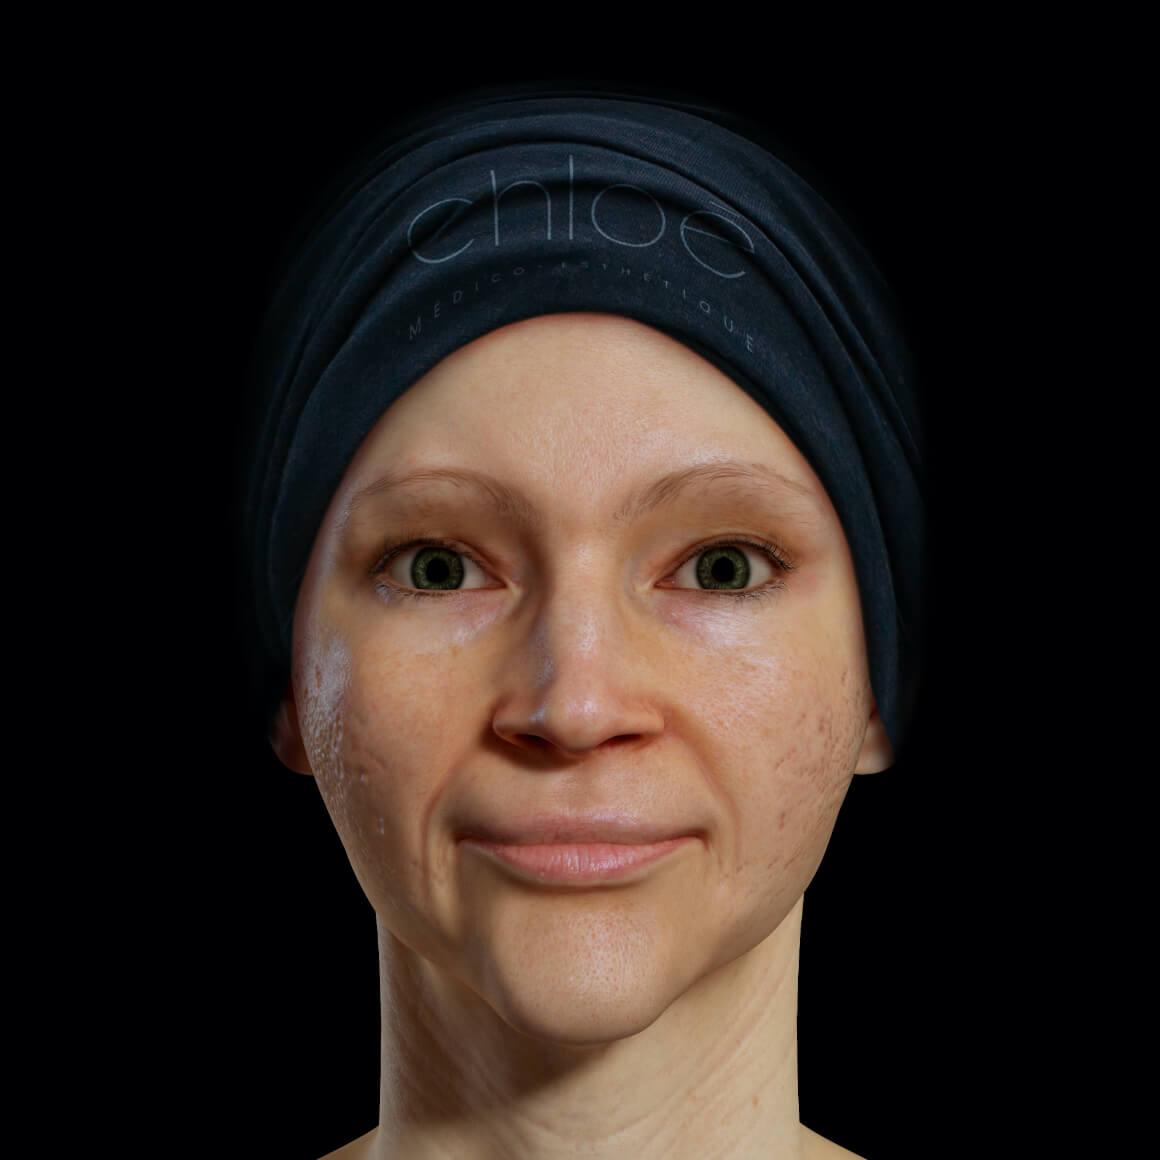 Patiente de la Clinique Chloé positionnée de face ayant des cicatrices d'acné sur le visage